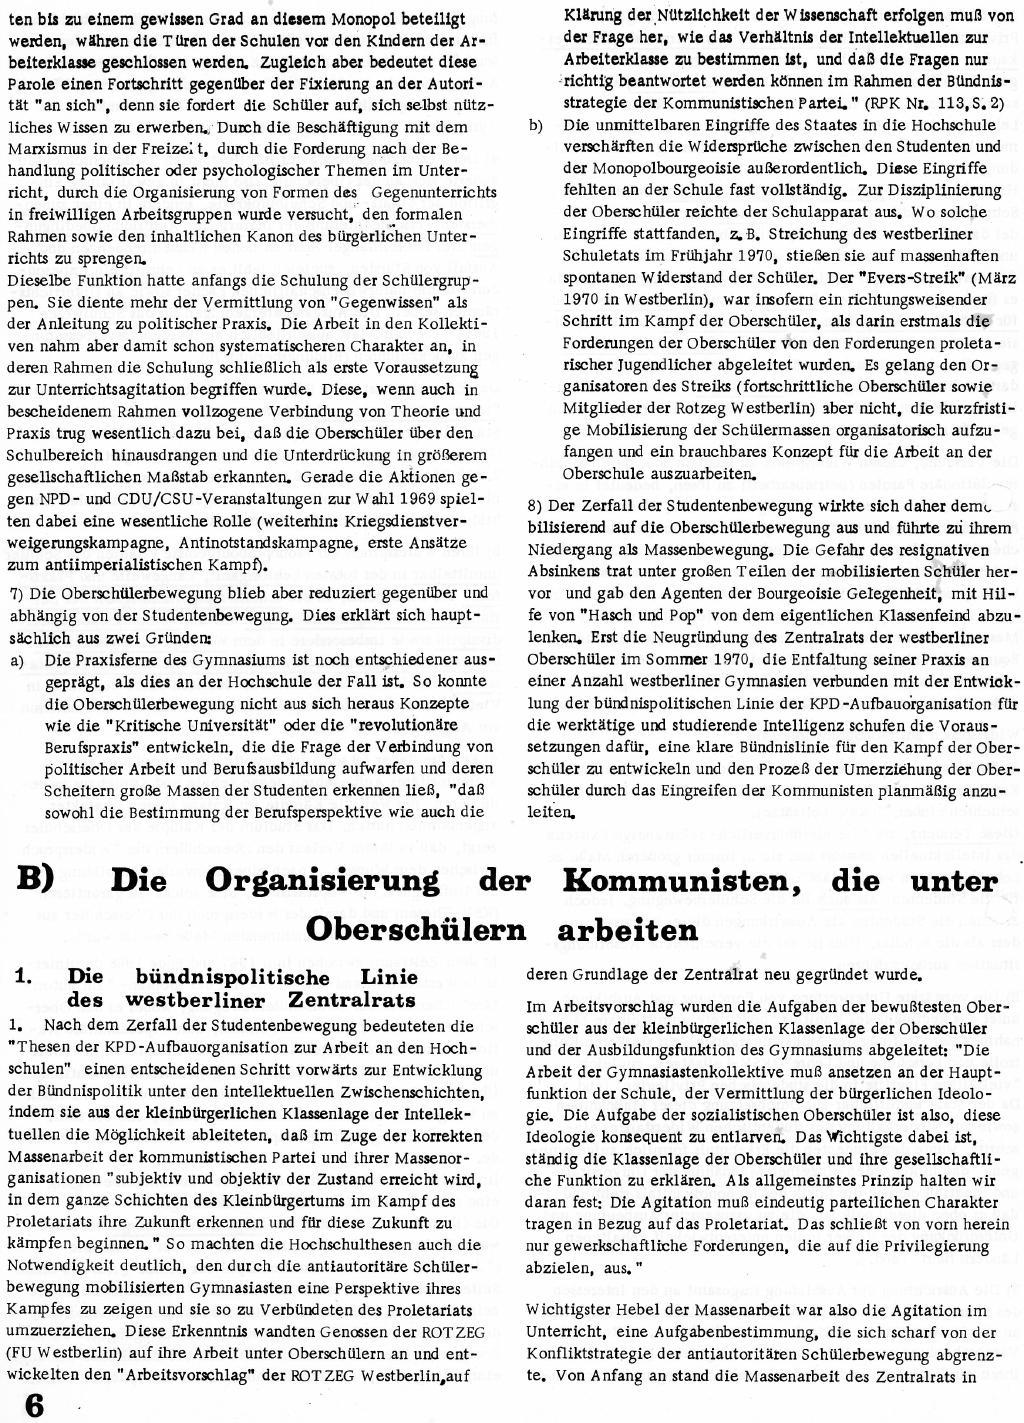 RPK_1971_138_06